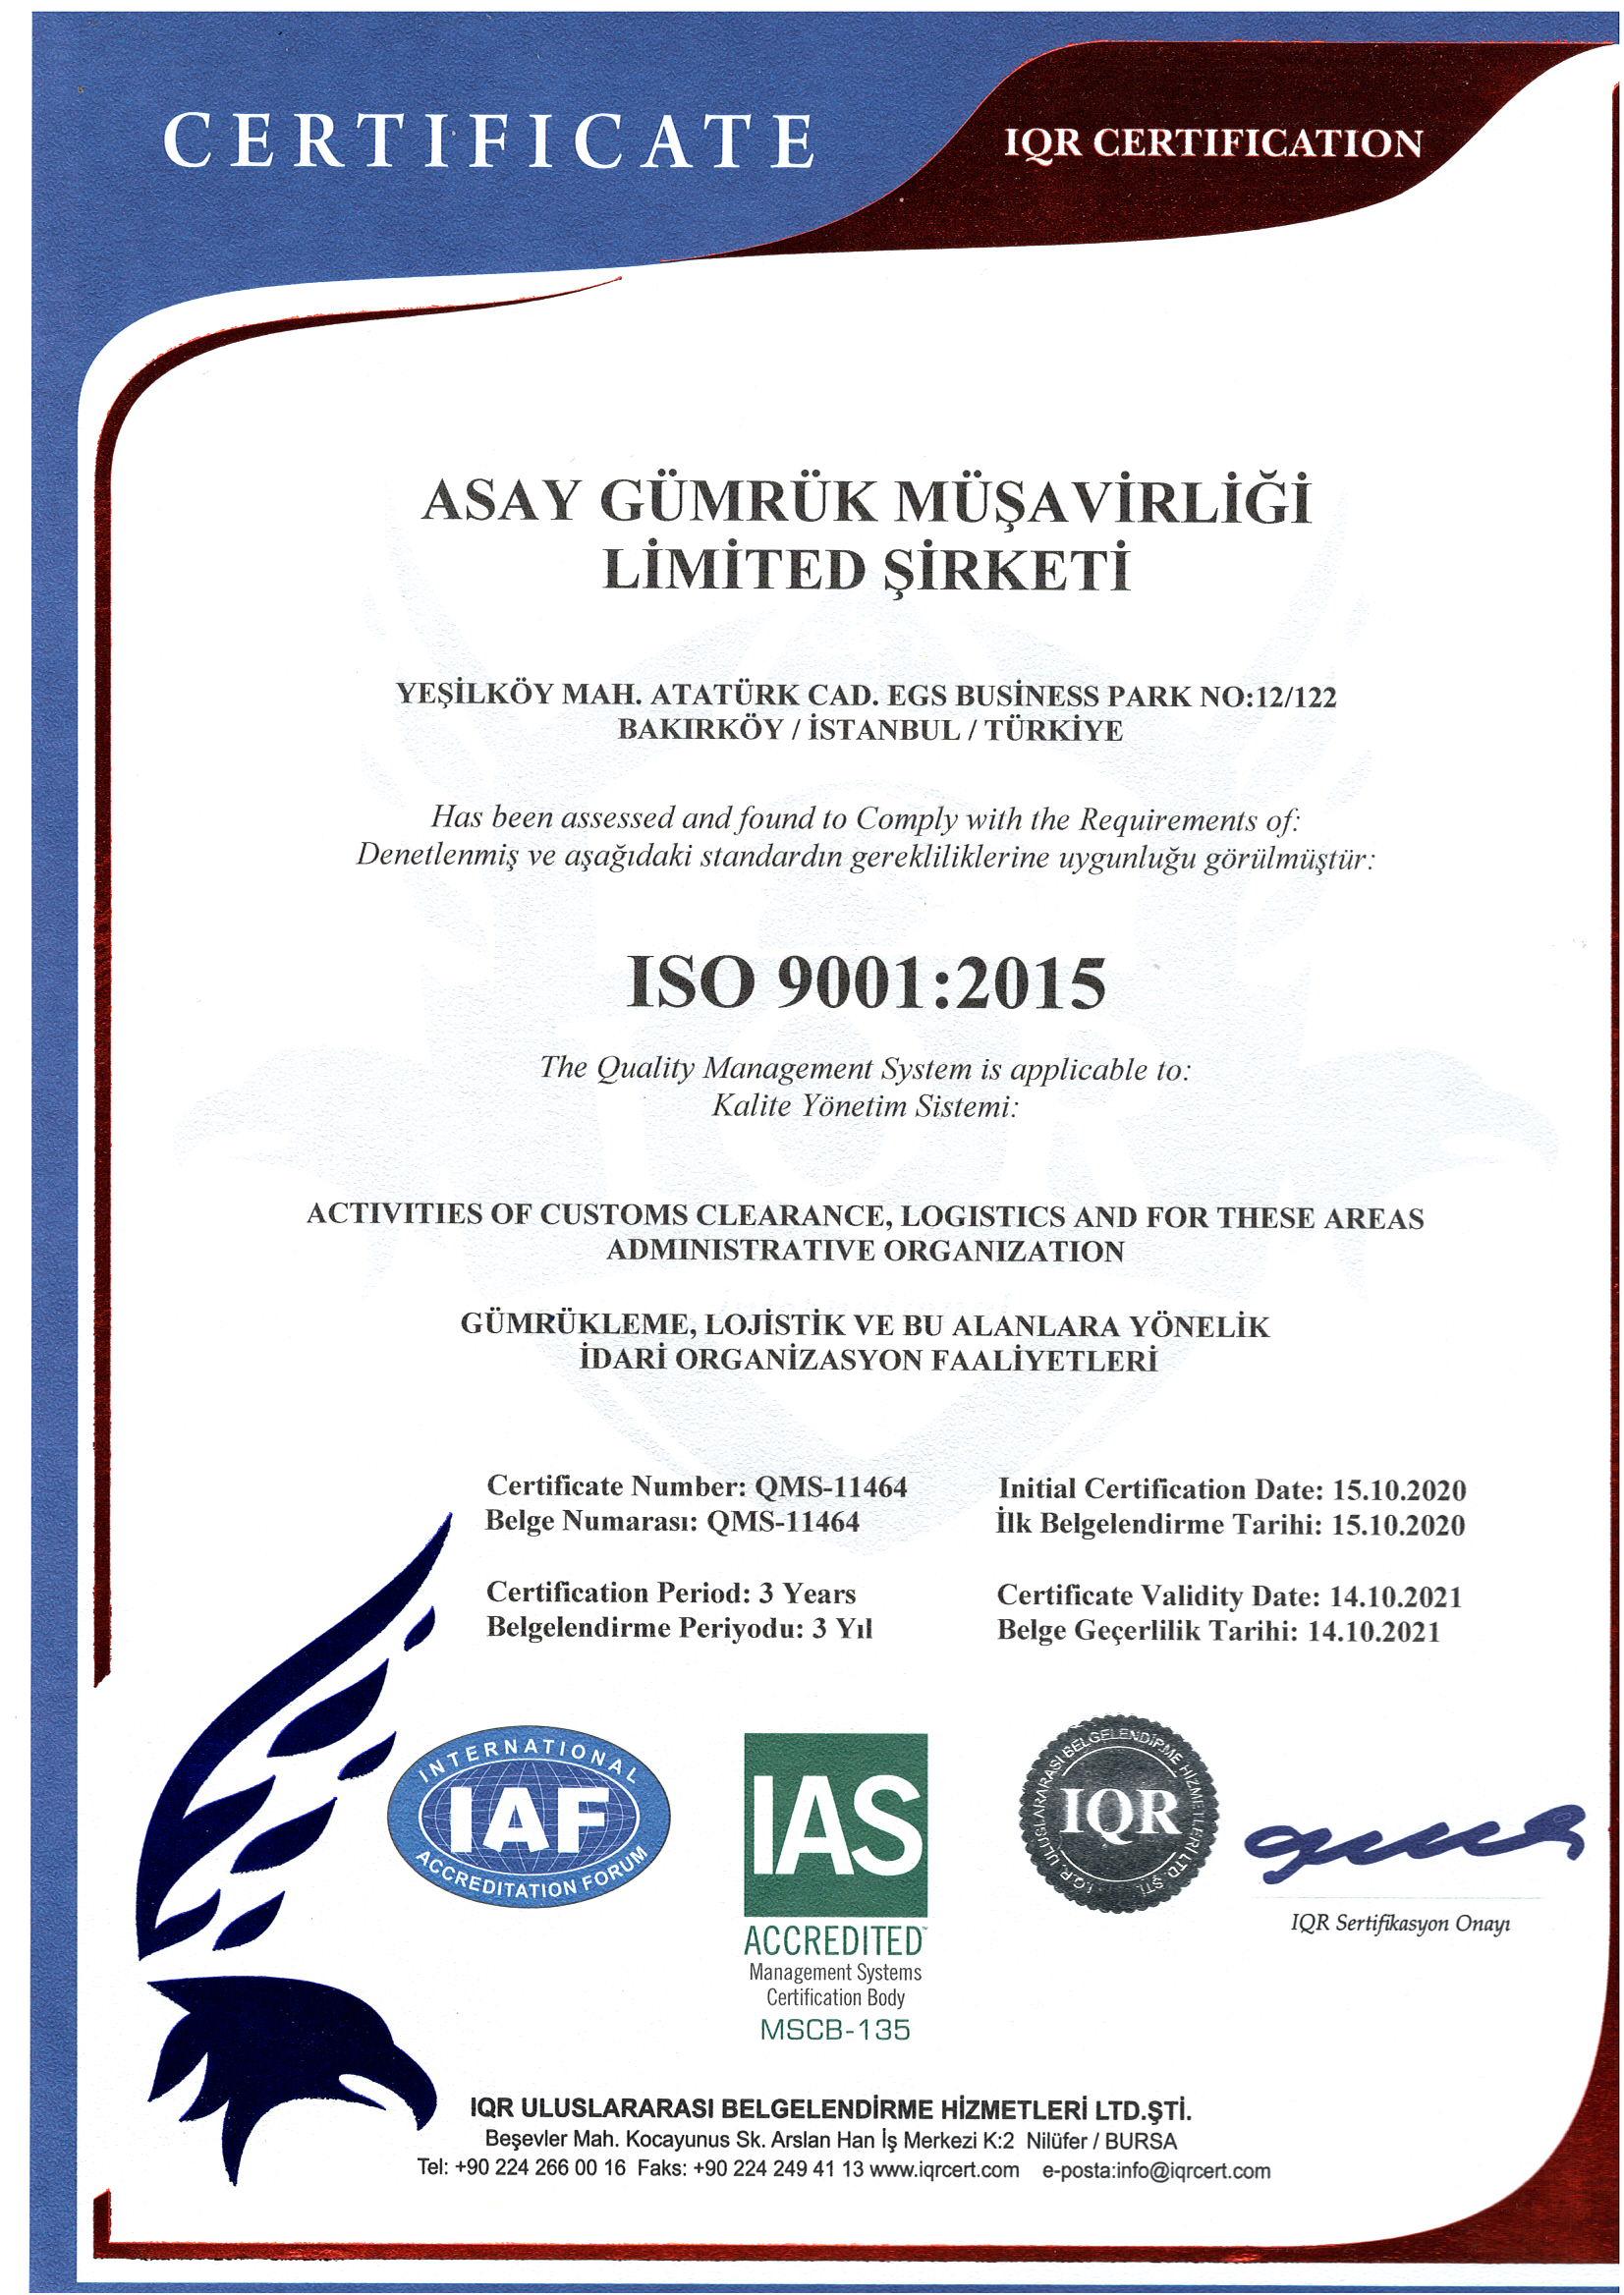 Asay Gümrük İSO 9001